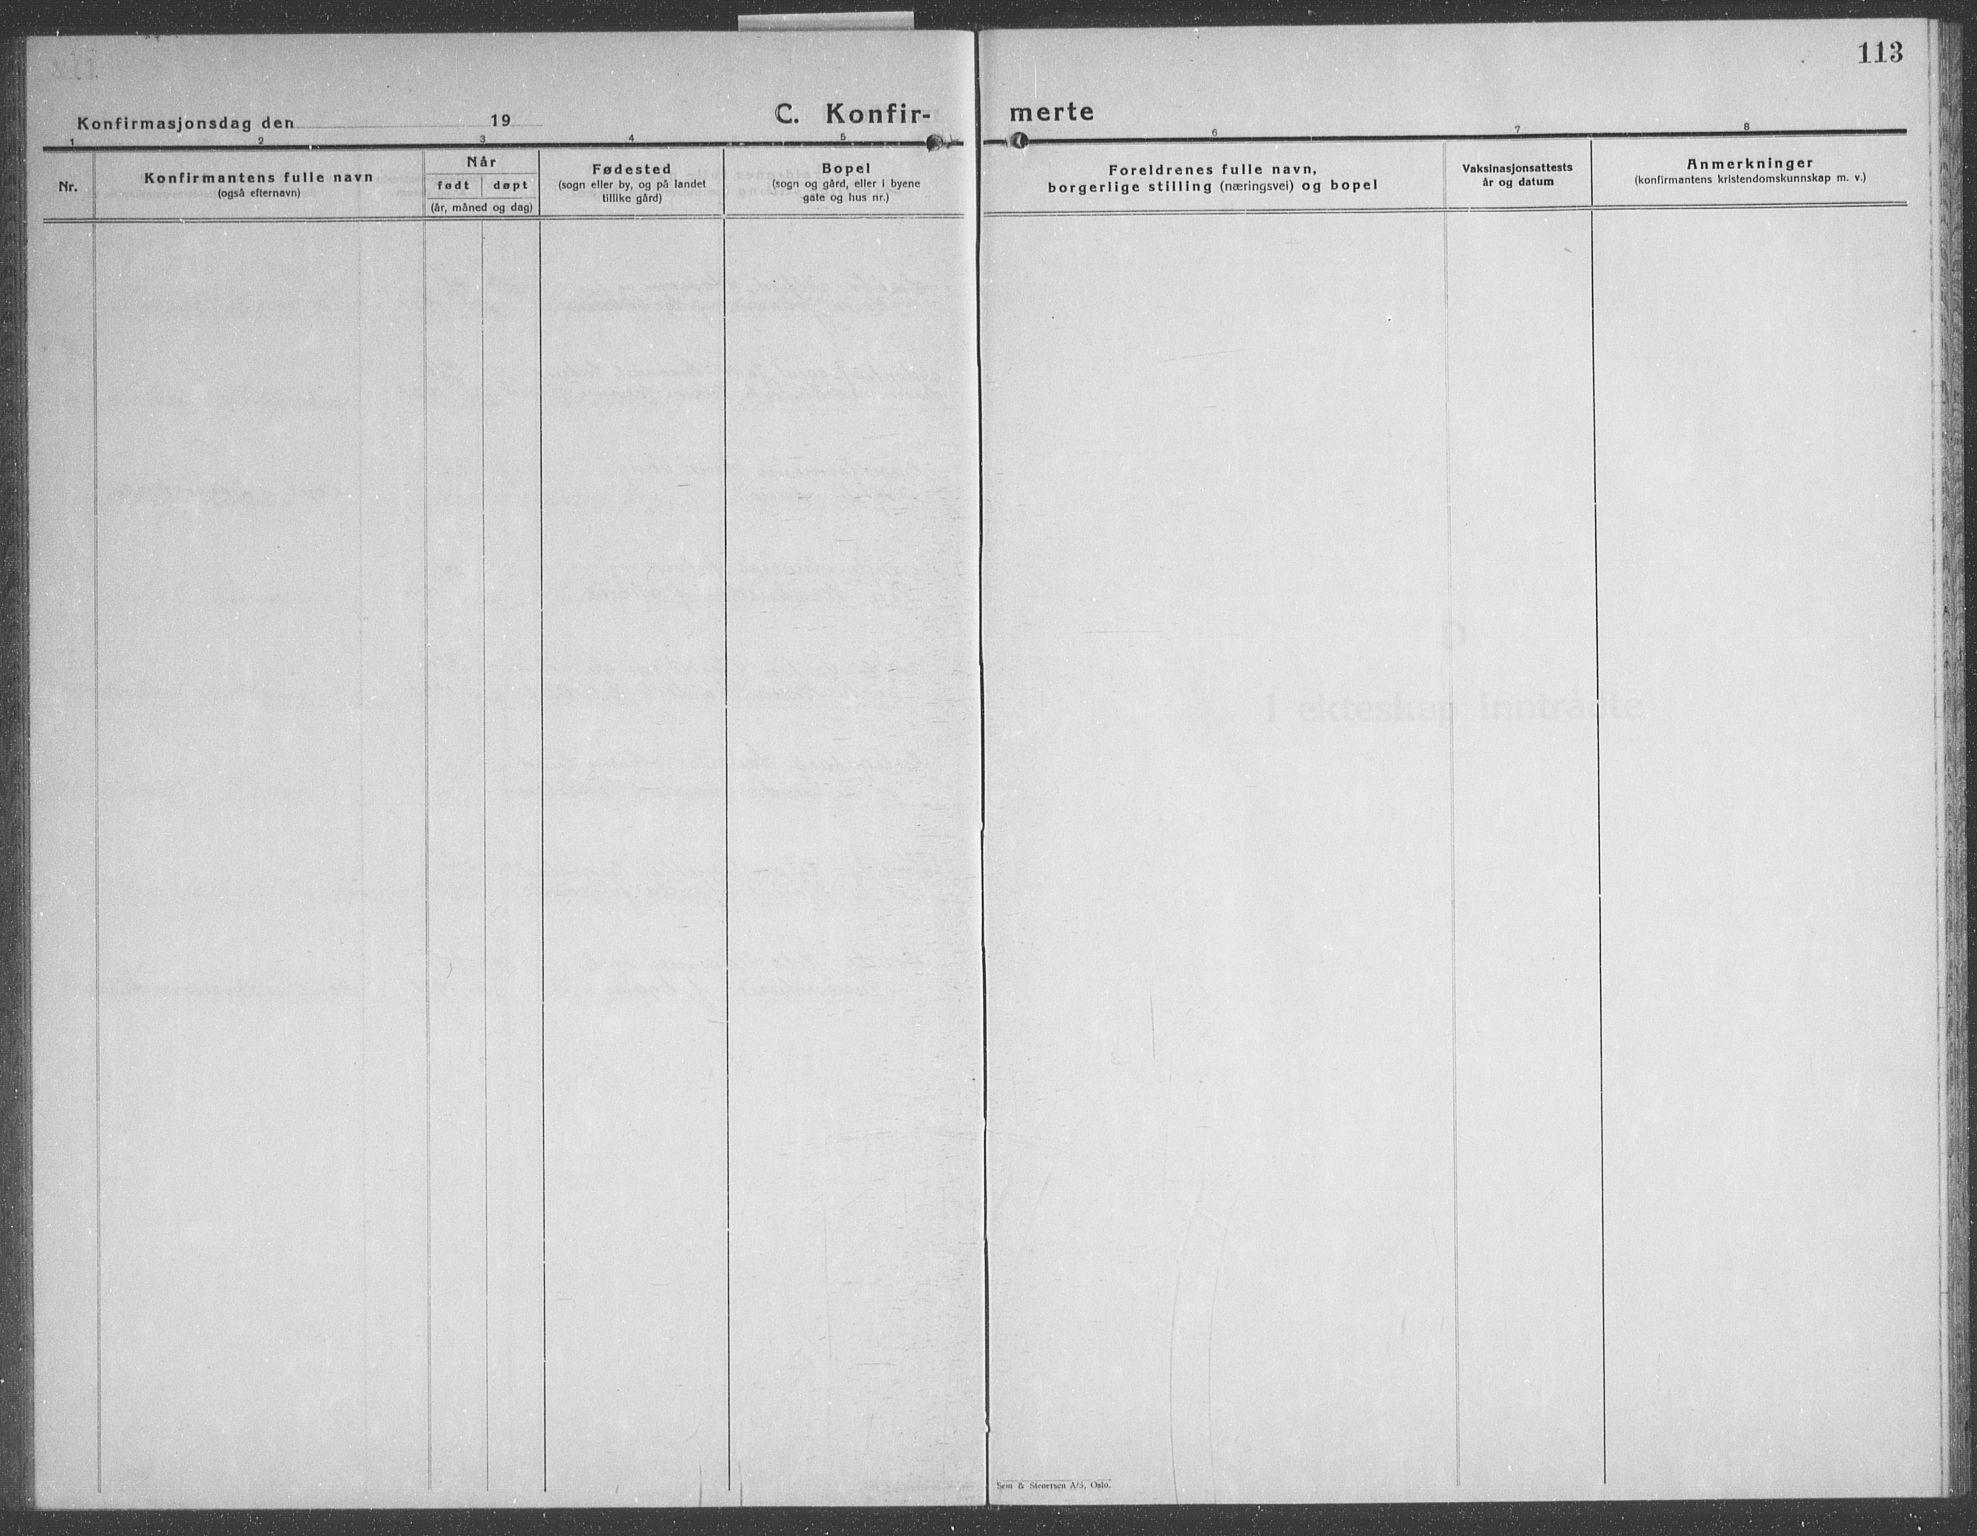 SAT, Ministerialprotokoller, klokkerbøker og fødselsregistre - Nord-Trøndelag, 749/L0481: Klokkerbok nr. 749C03, 1933-1945, s. 113